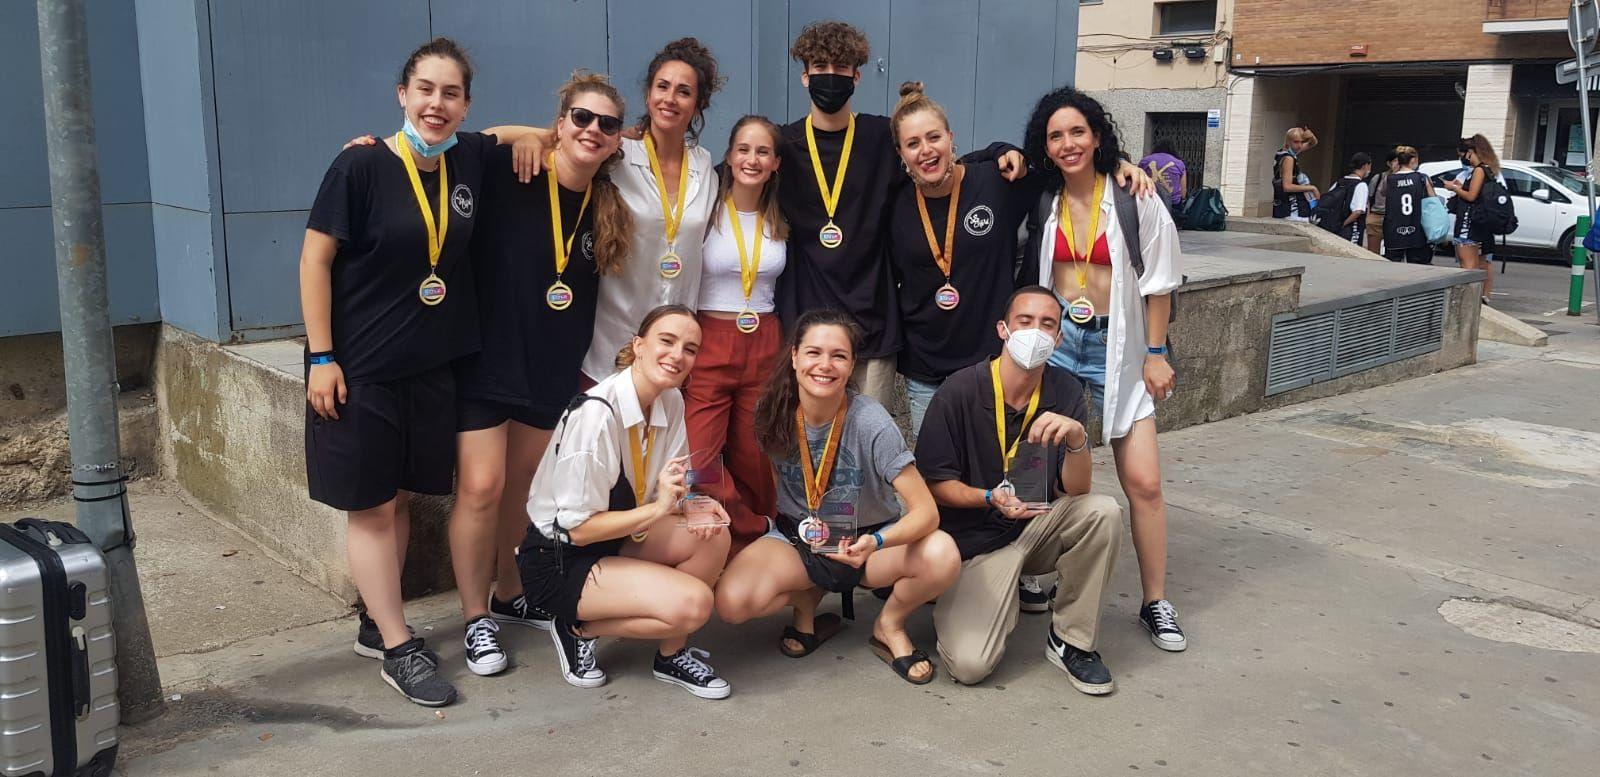 L'Escola de Dansa Julieta Soler «arrasa» amb 27 trofeus en una sola temporada